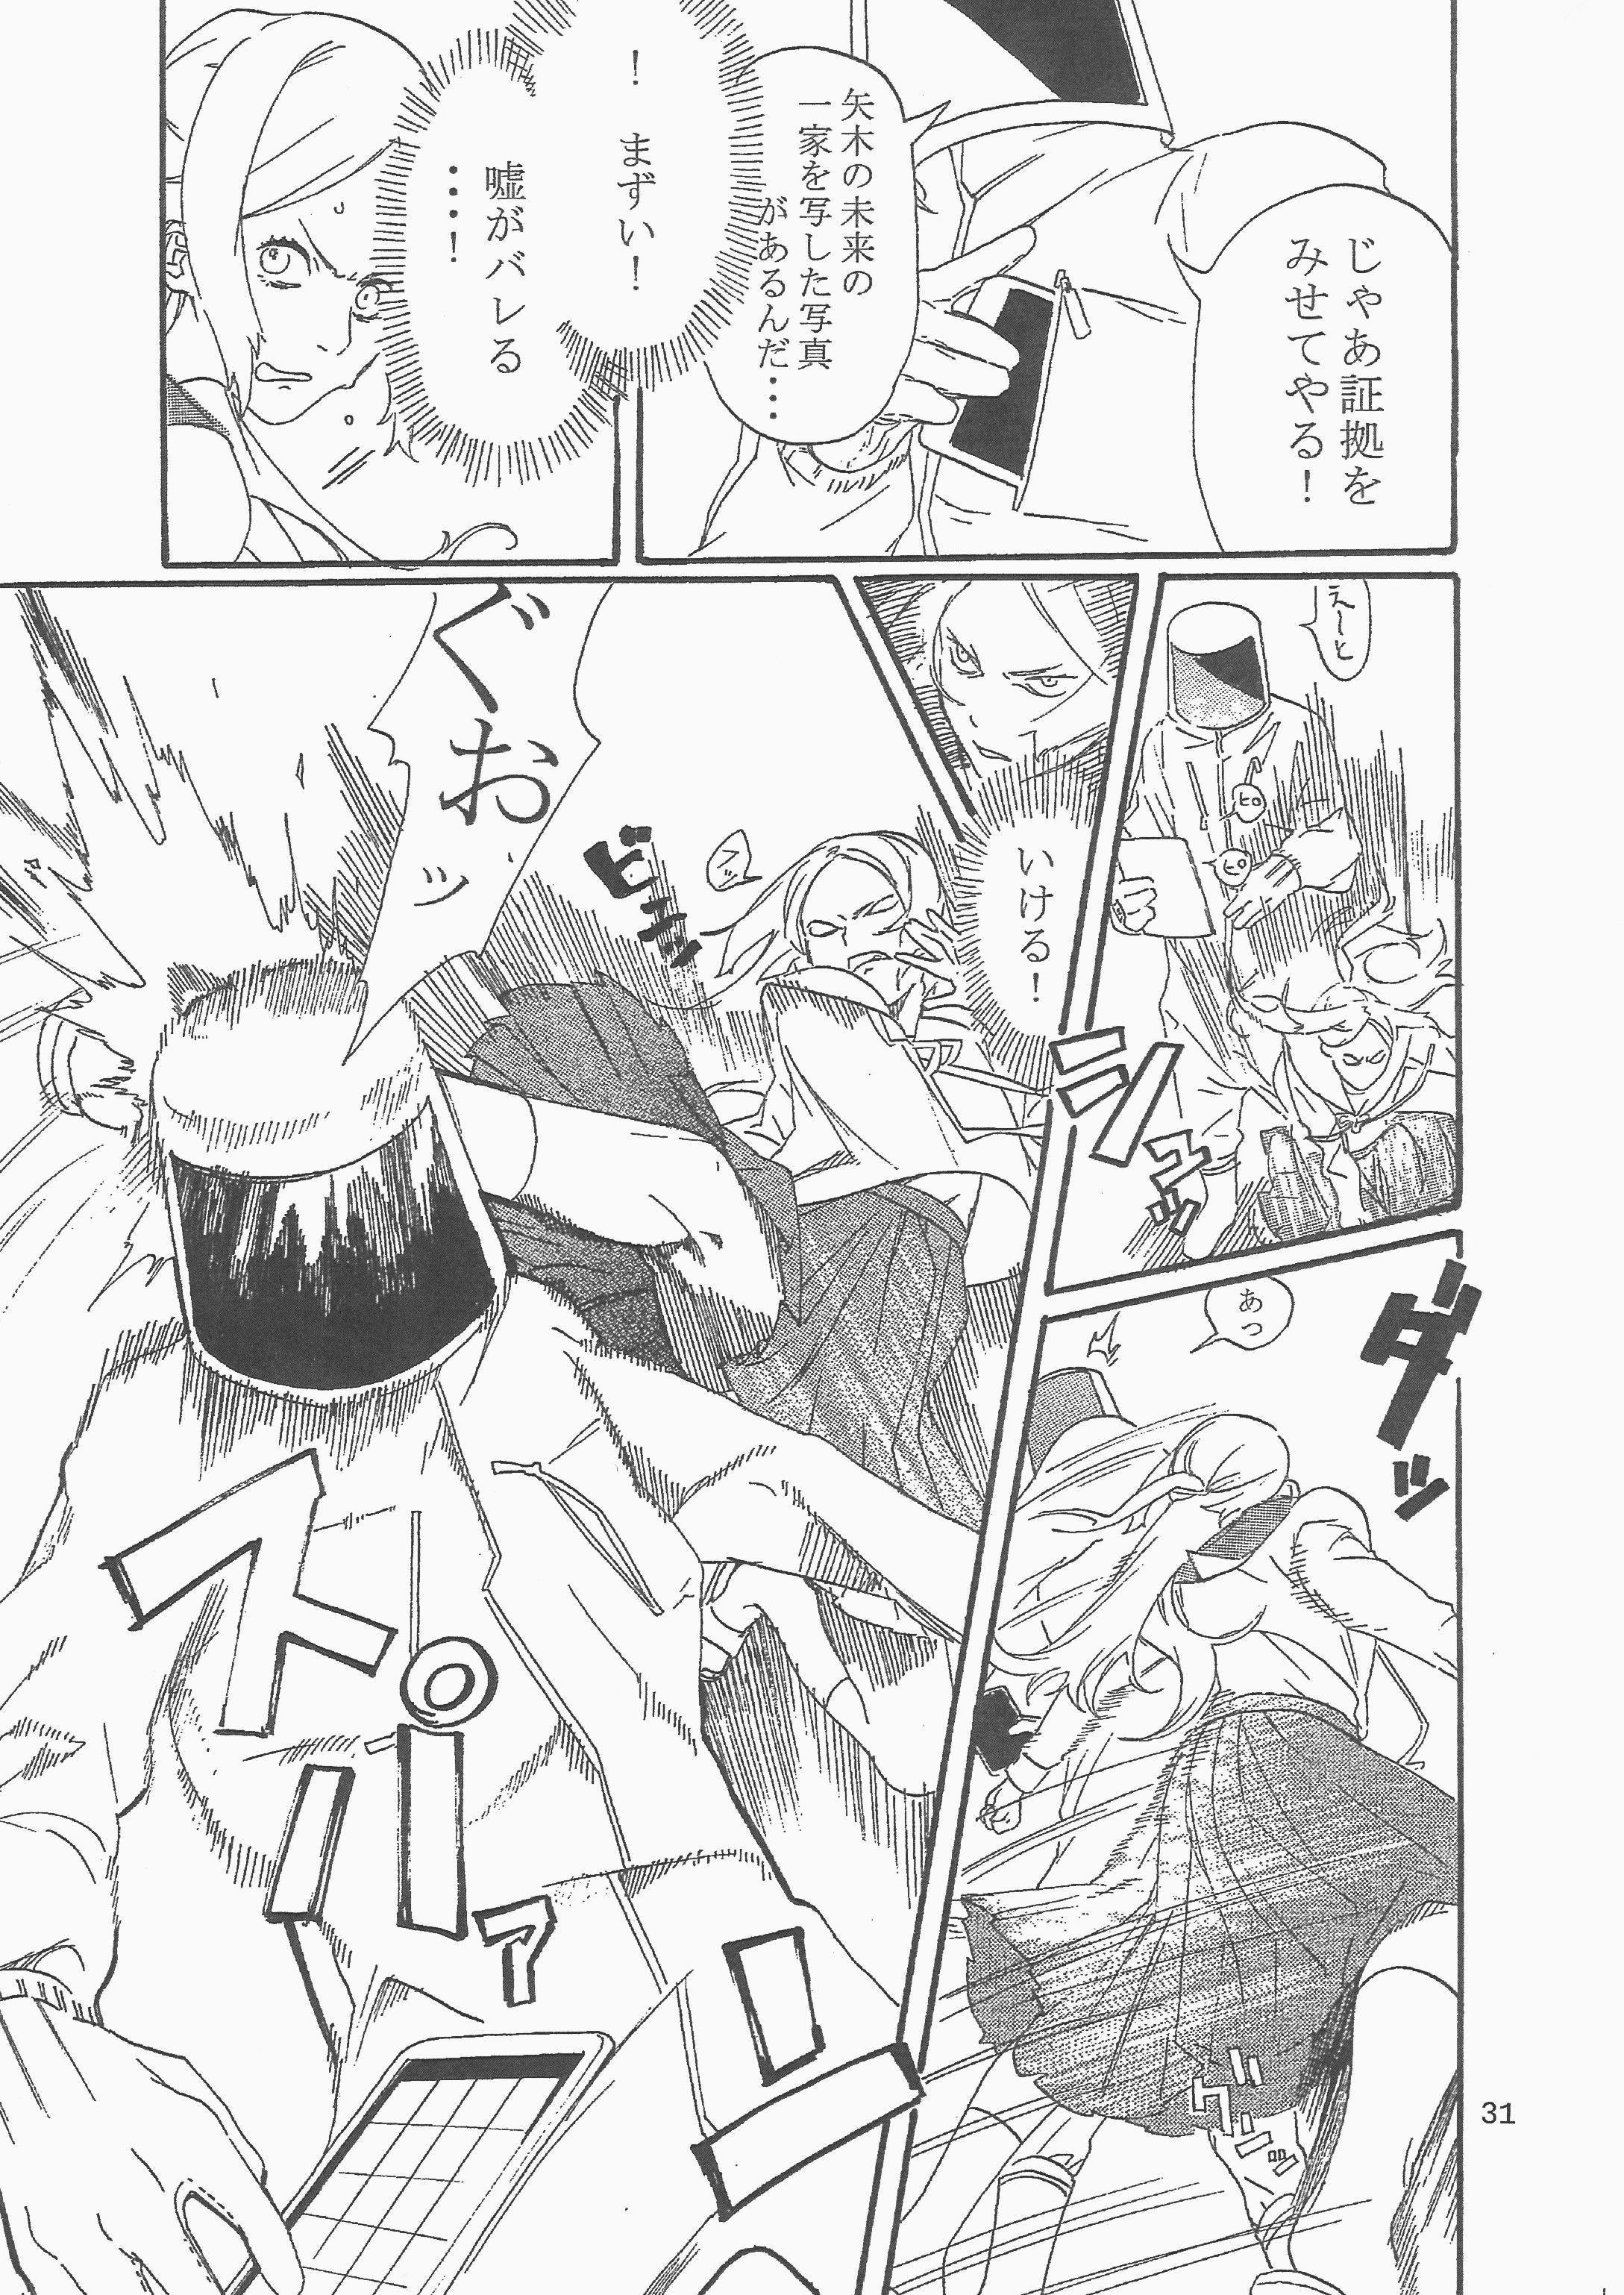 2018後期-ストーリーマンガ研究(『ブレイクタイムパラドックス』より)2